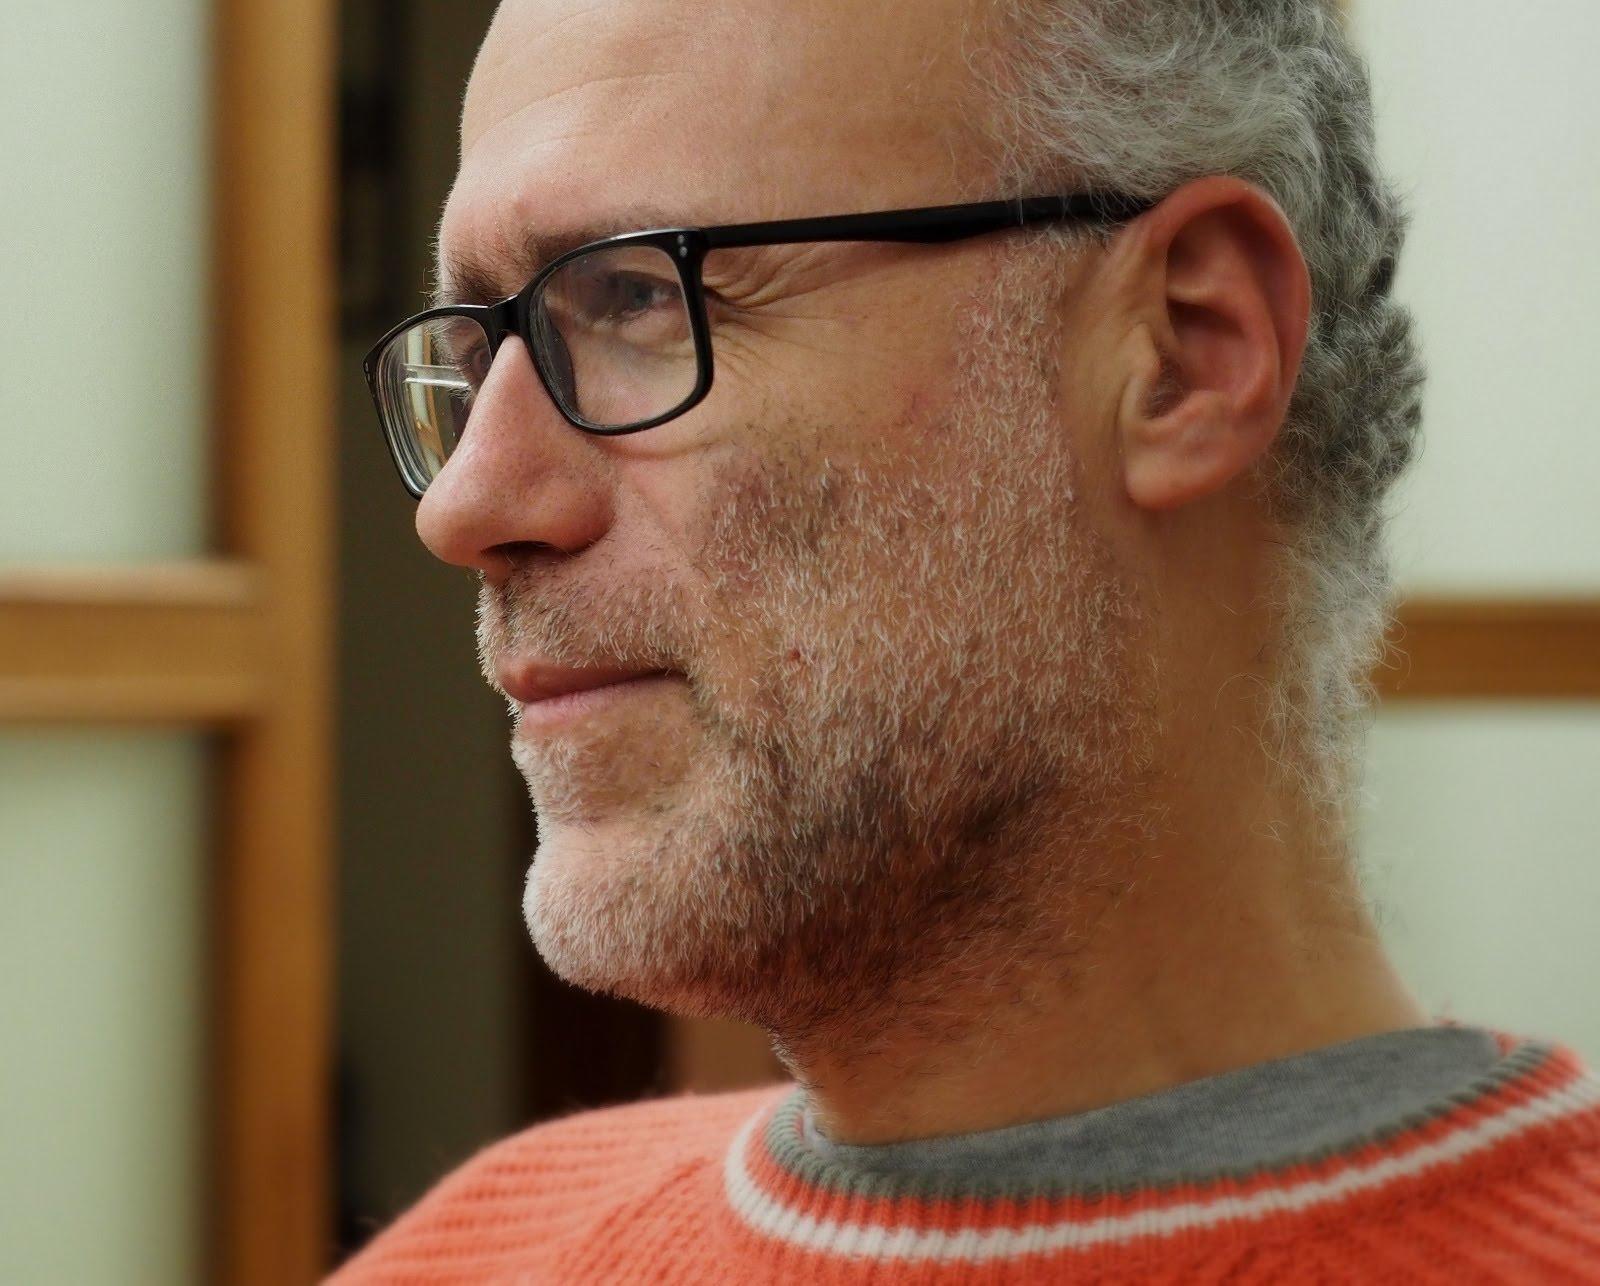 Stefano Severi profile picture